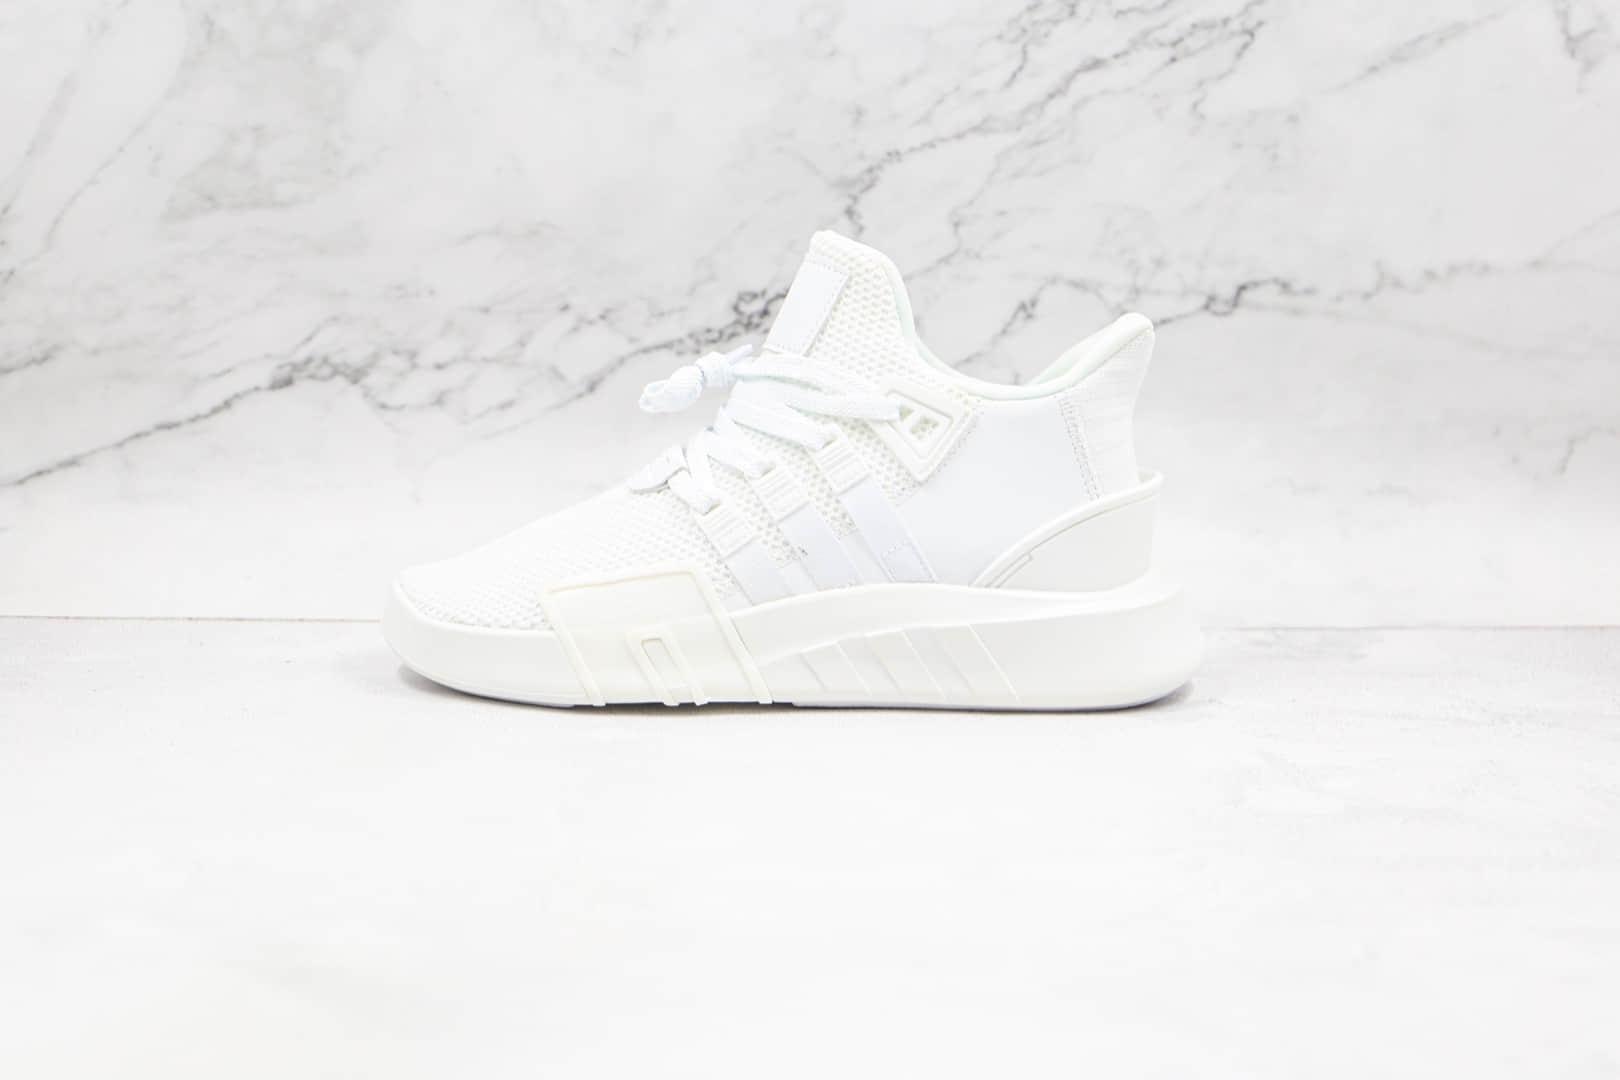 阿迪达斯Adidas EQT BASK ADV纯原版本网面纯白针织EQT支撑者系列慢跑鞋原盒原标 货号:DA9534